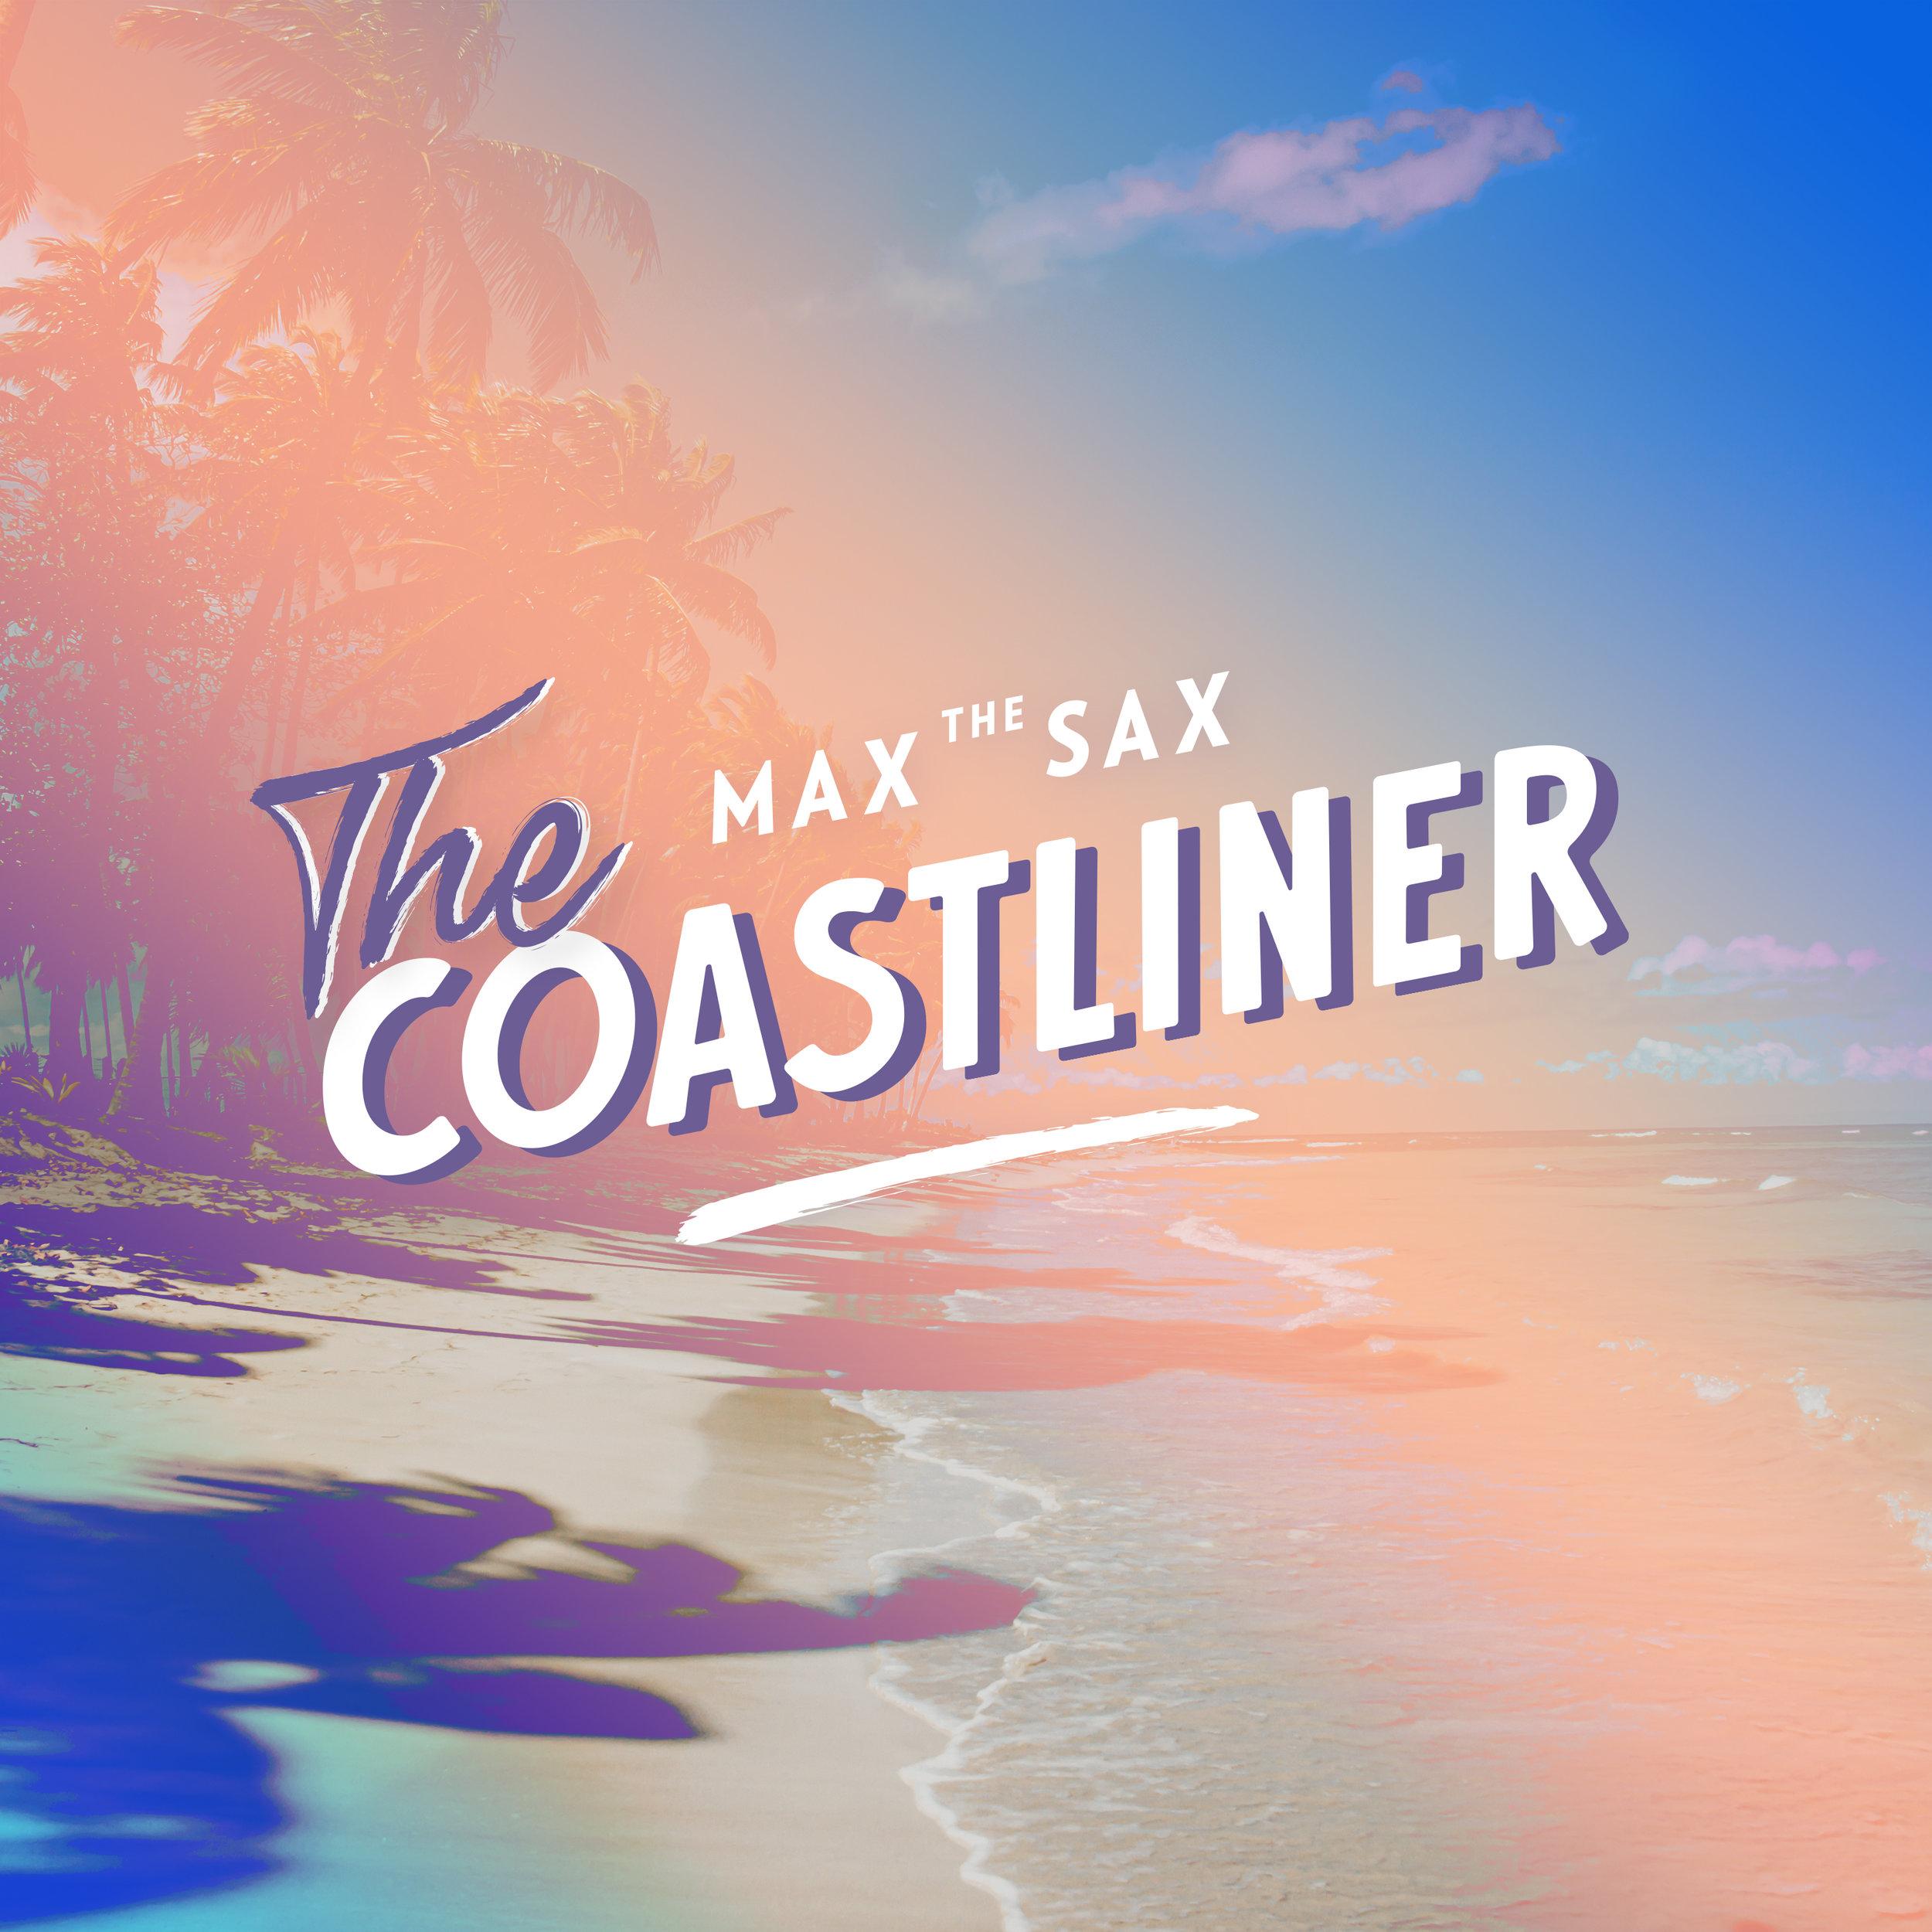 MAX THE SAX - THE COASTLINER COVER DESIGN